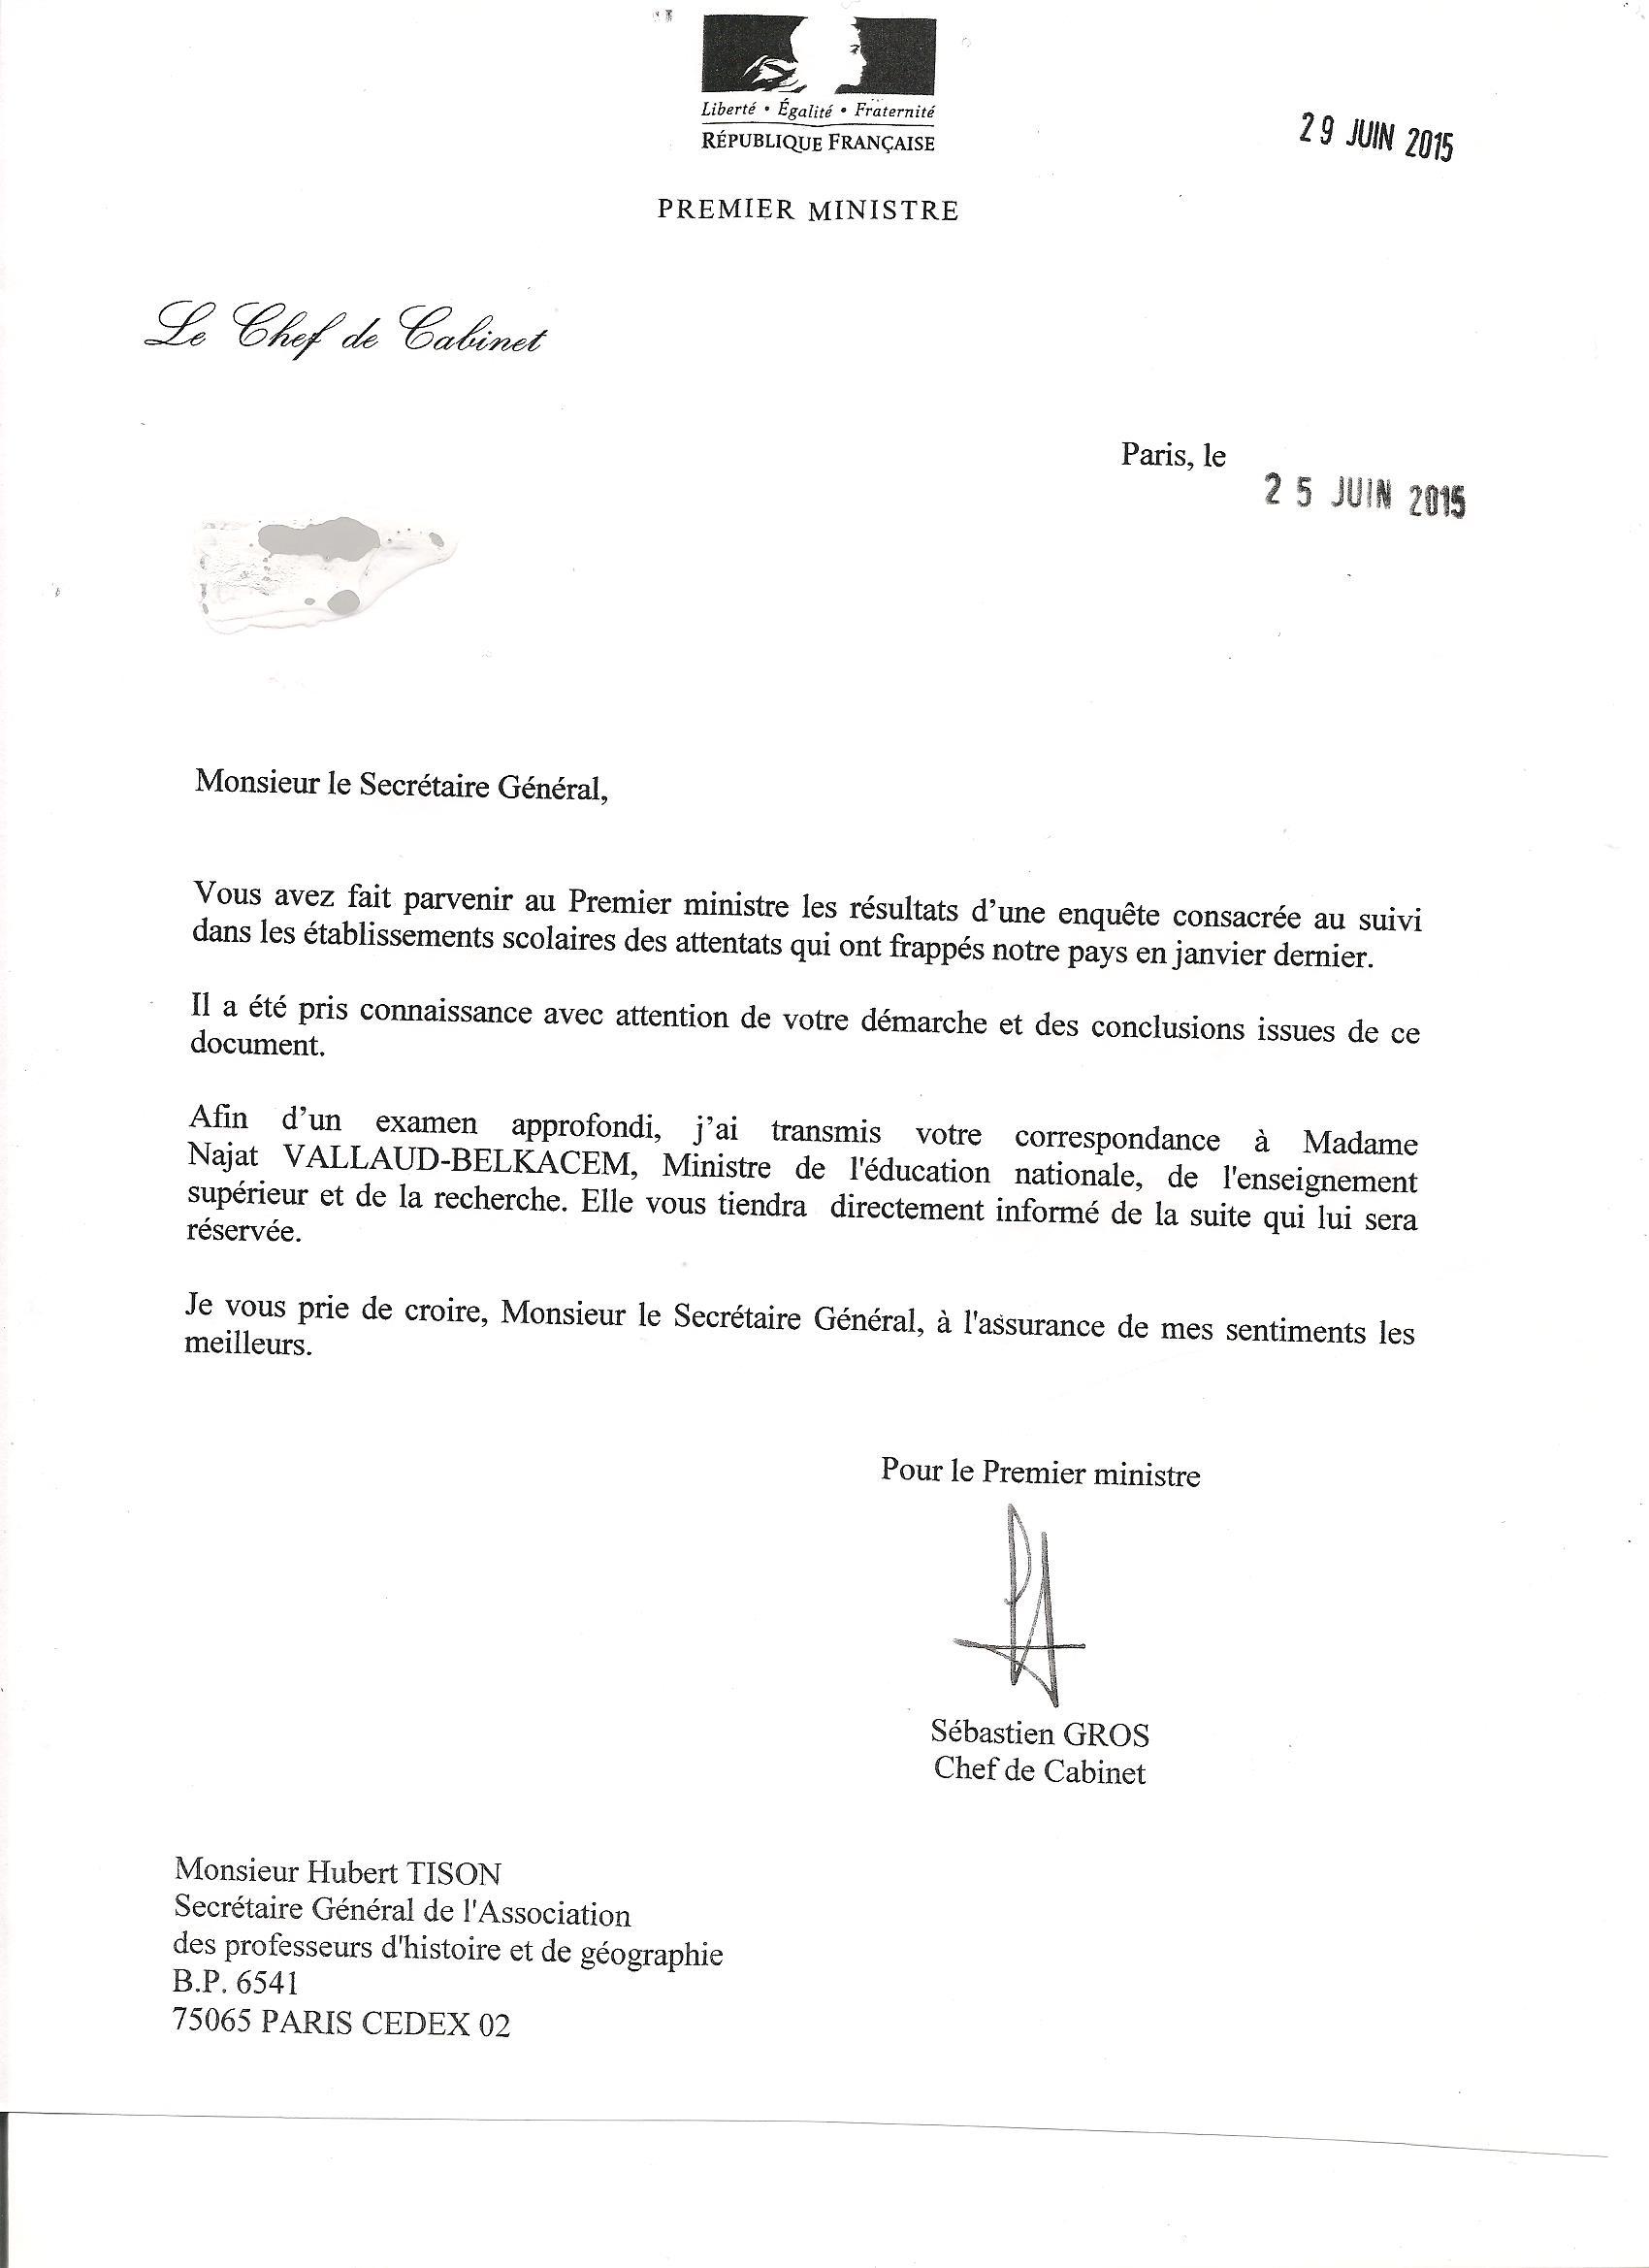 Lettre du cabinet du premier ministre l 39 aphg association des professeurs d 39 histoire et de - Chef de cabinet du premier ministre ...